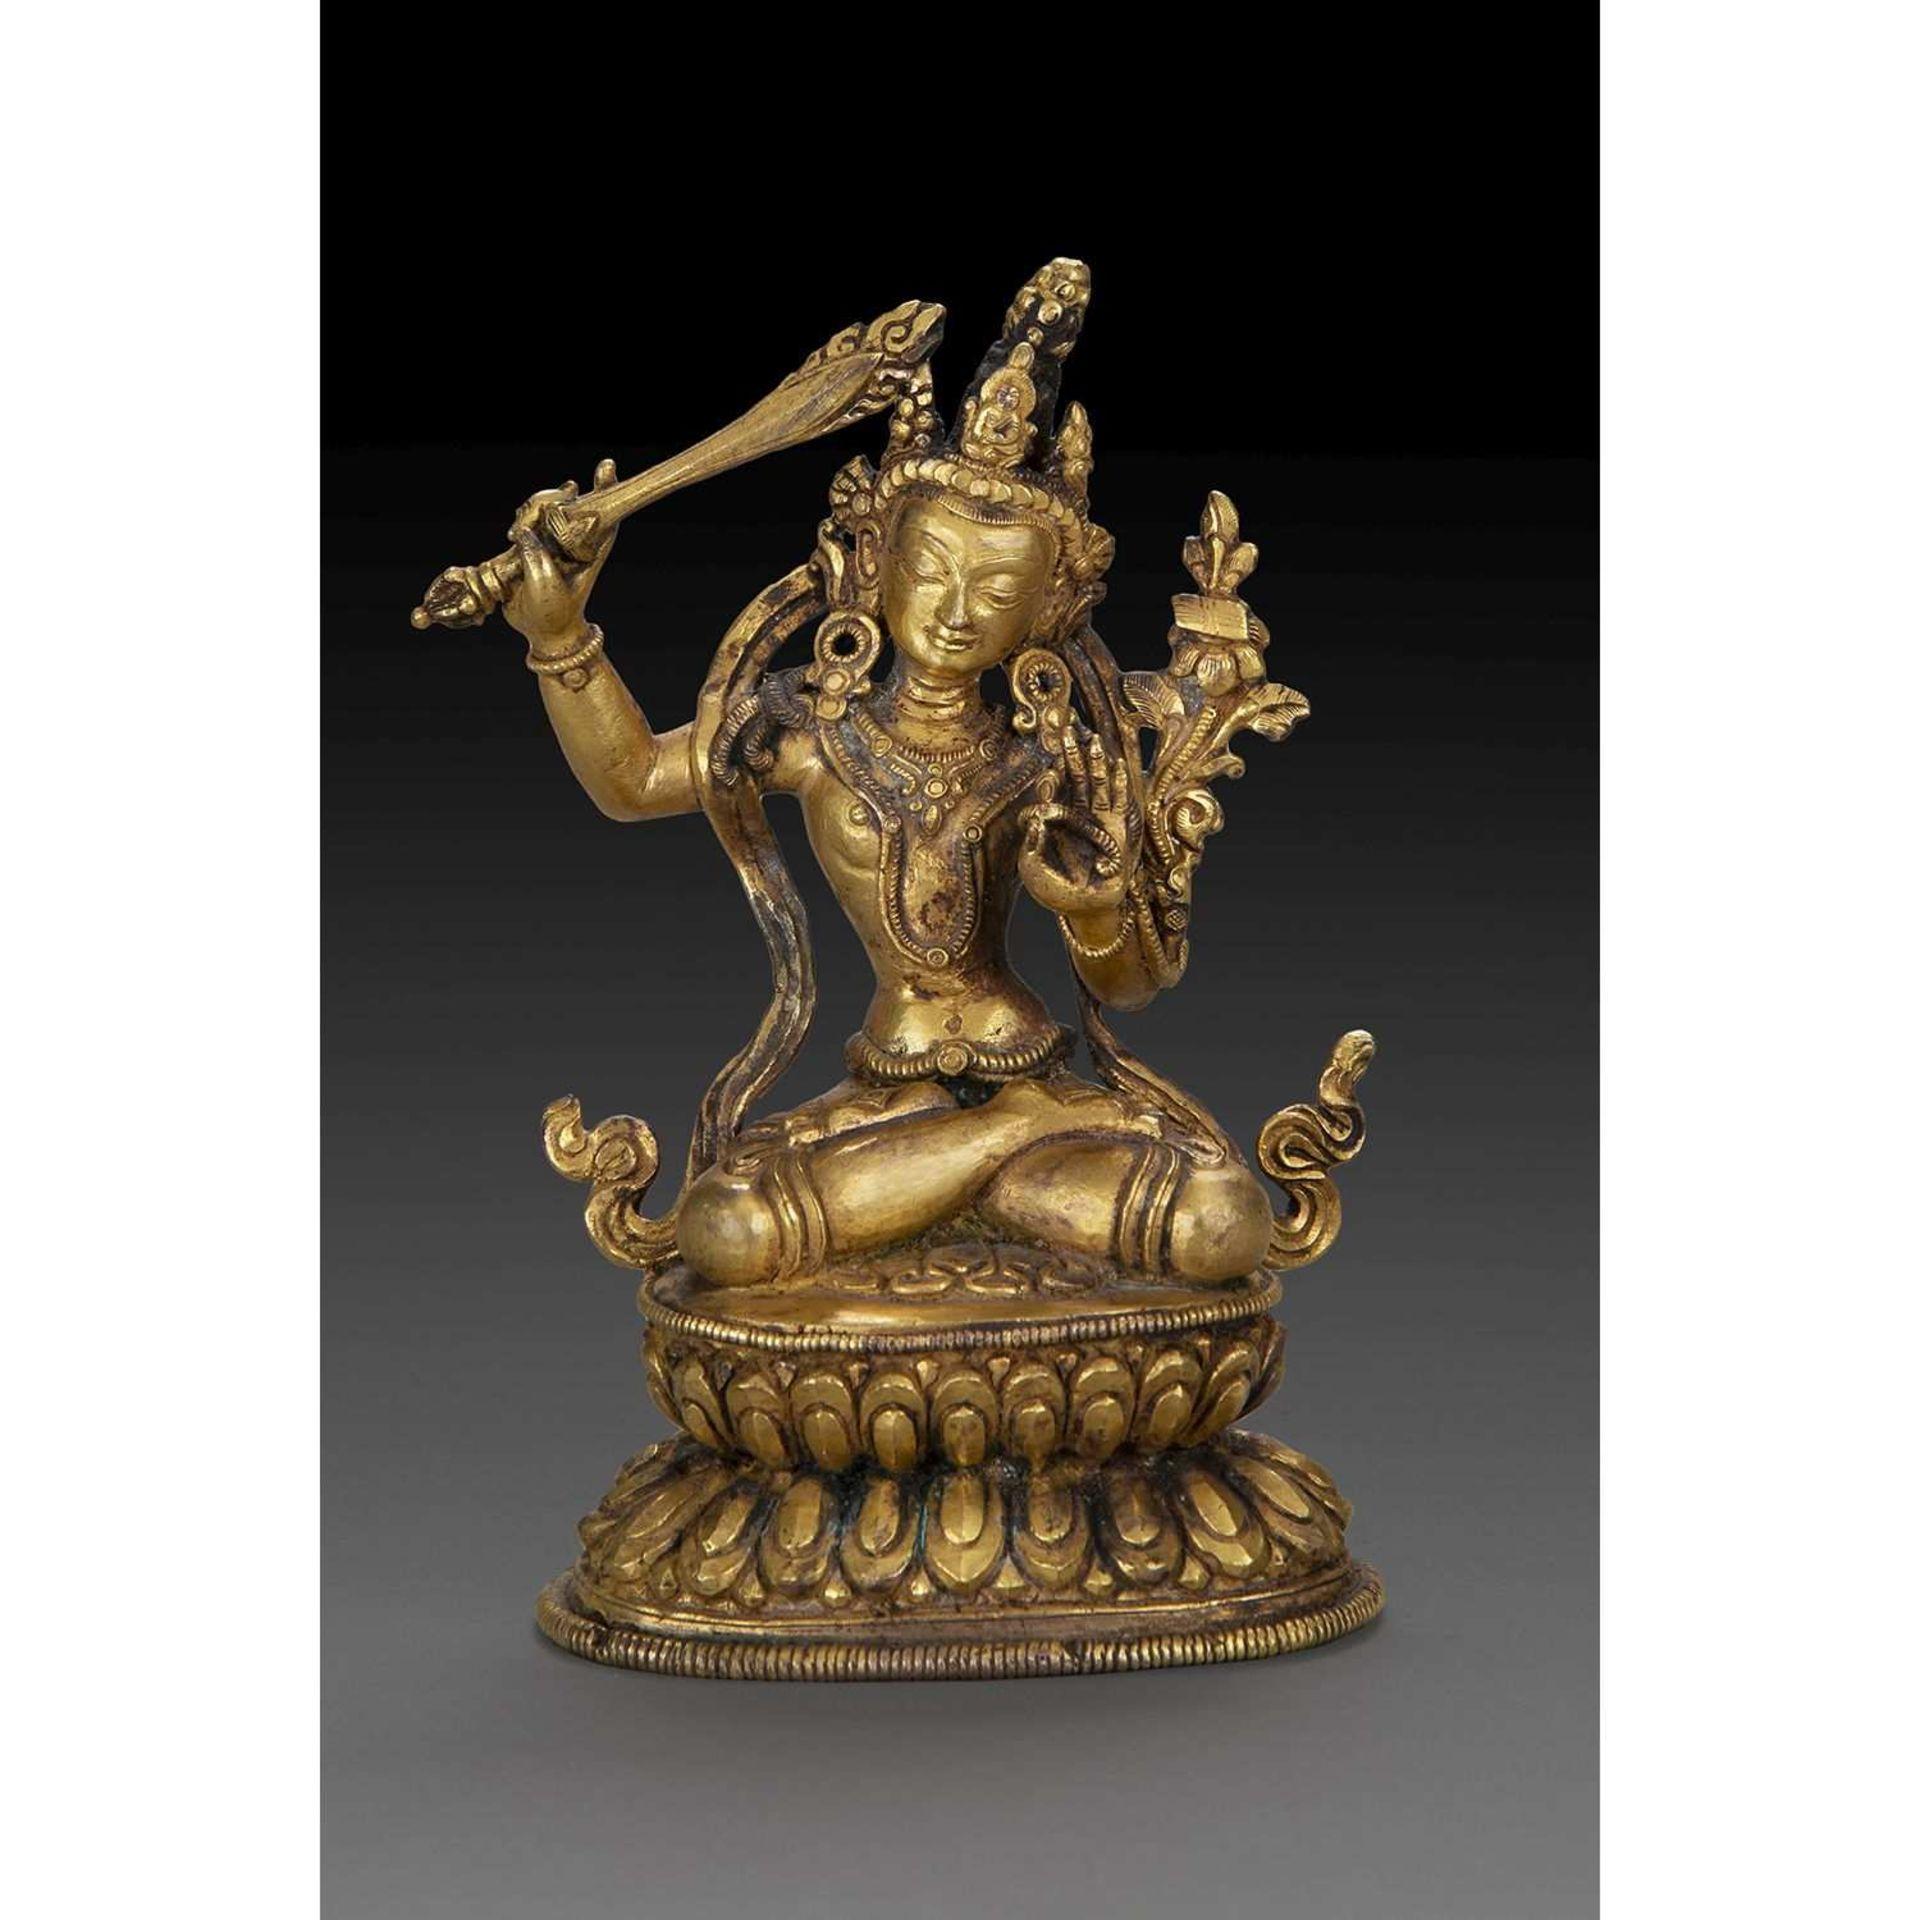 STATUETTE DE MANJUSRI en bronze doré, représentée assise sur le double lotus, brandissant le glaive,